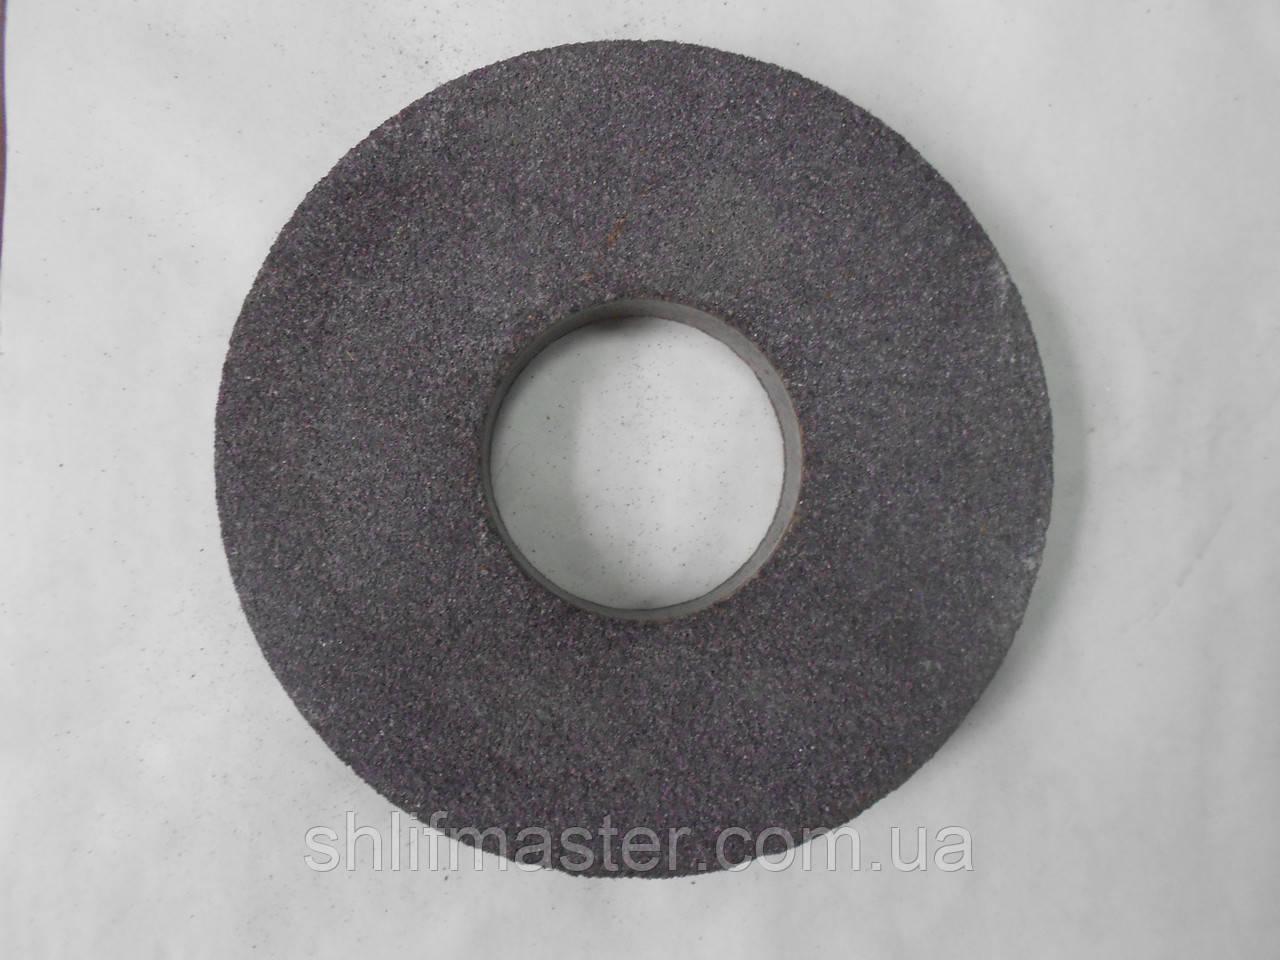 Круг абразивный шлифовальный прямого профиля (розовый) 92А 200х80х76 40 СТ1